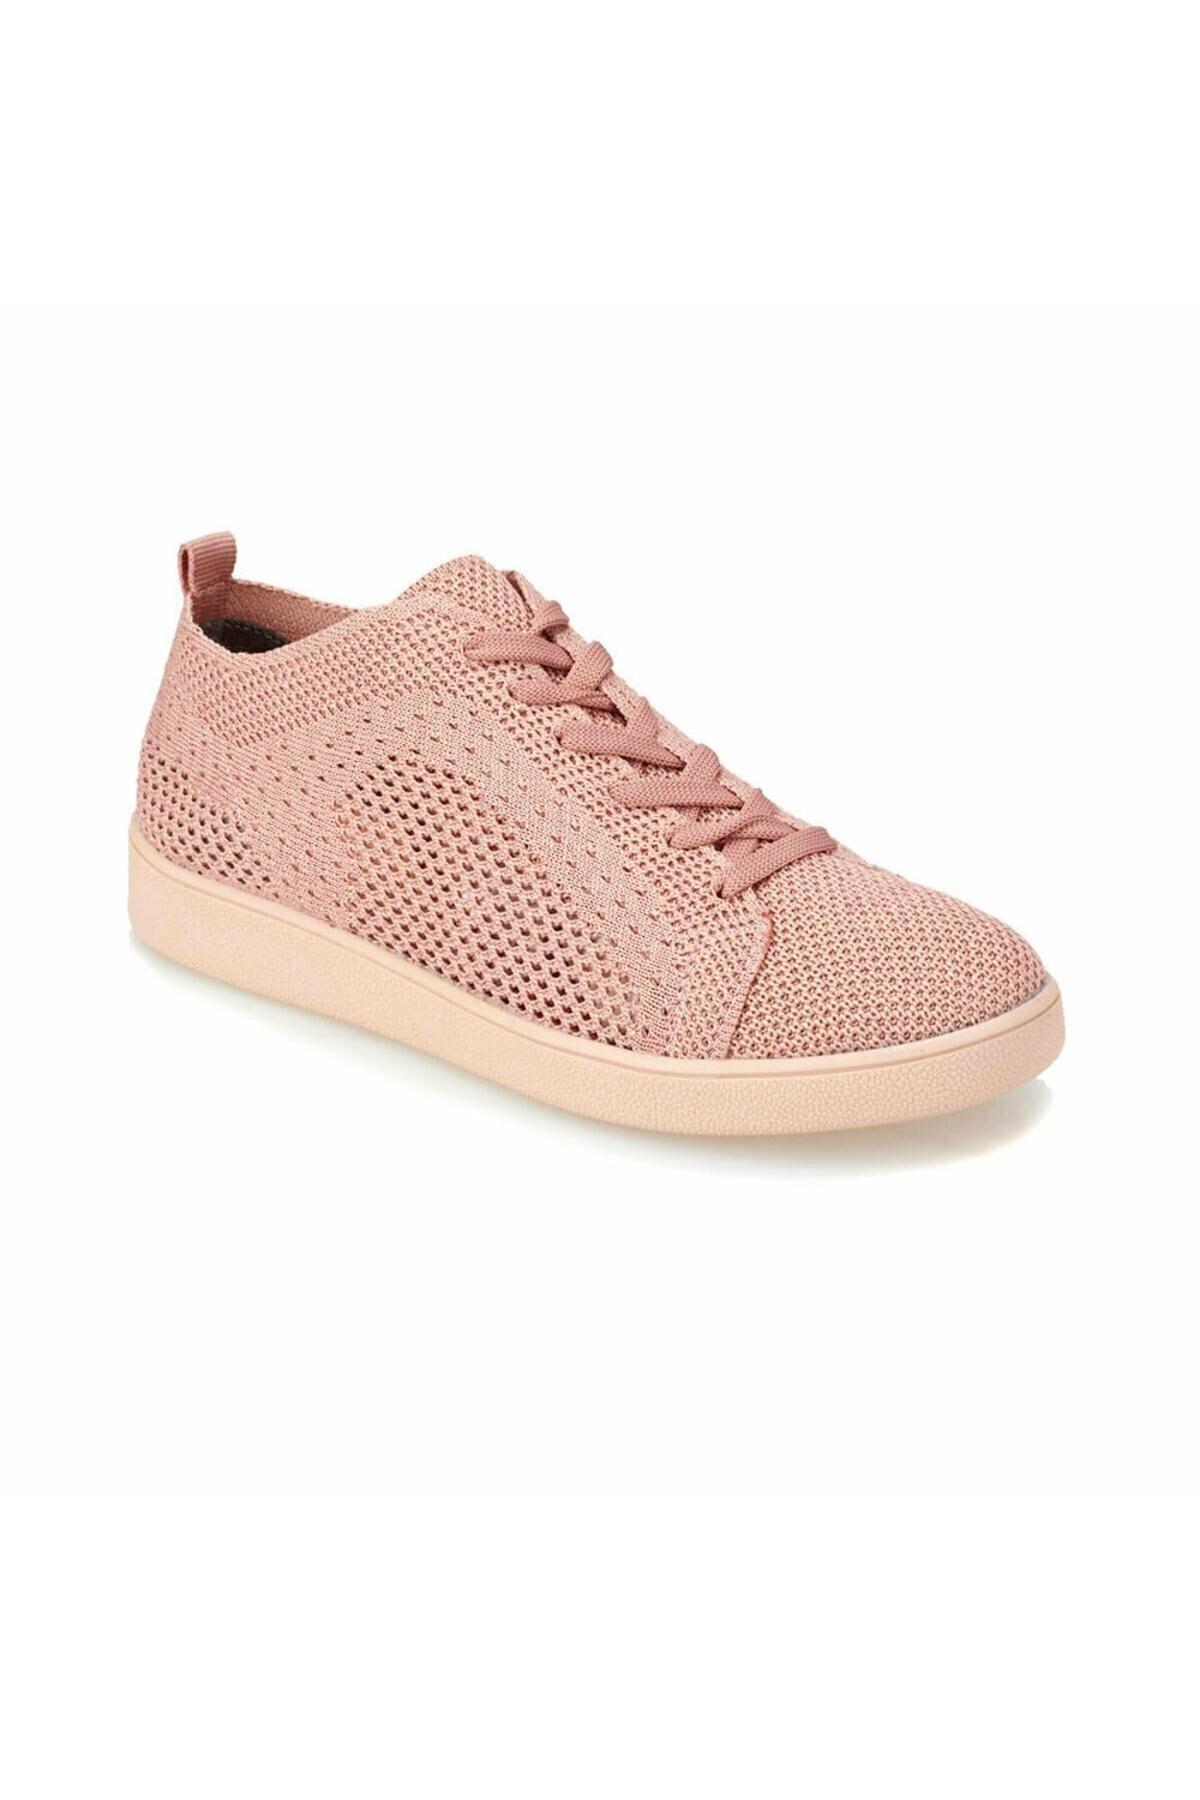 Kinetix ALMIR Pembe Kadın Sneaker Ayakkabı 100369902 1